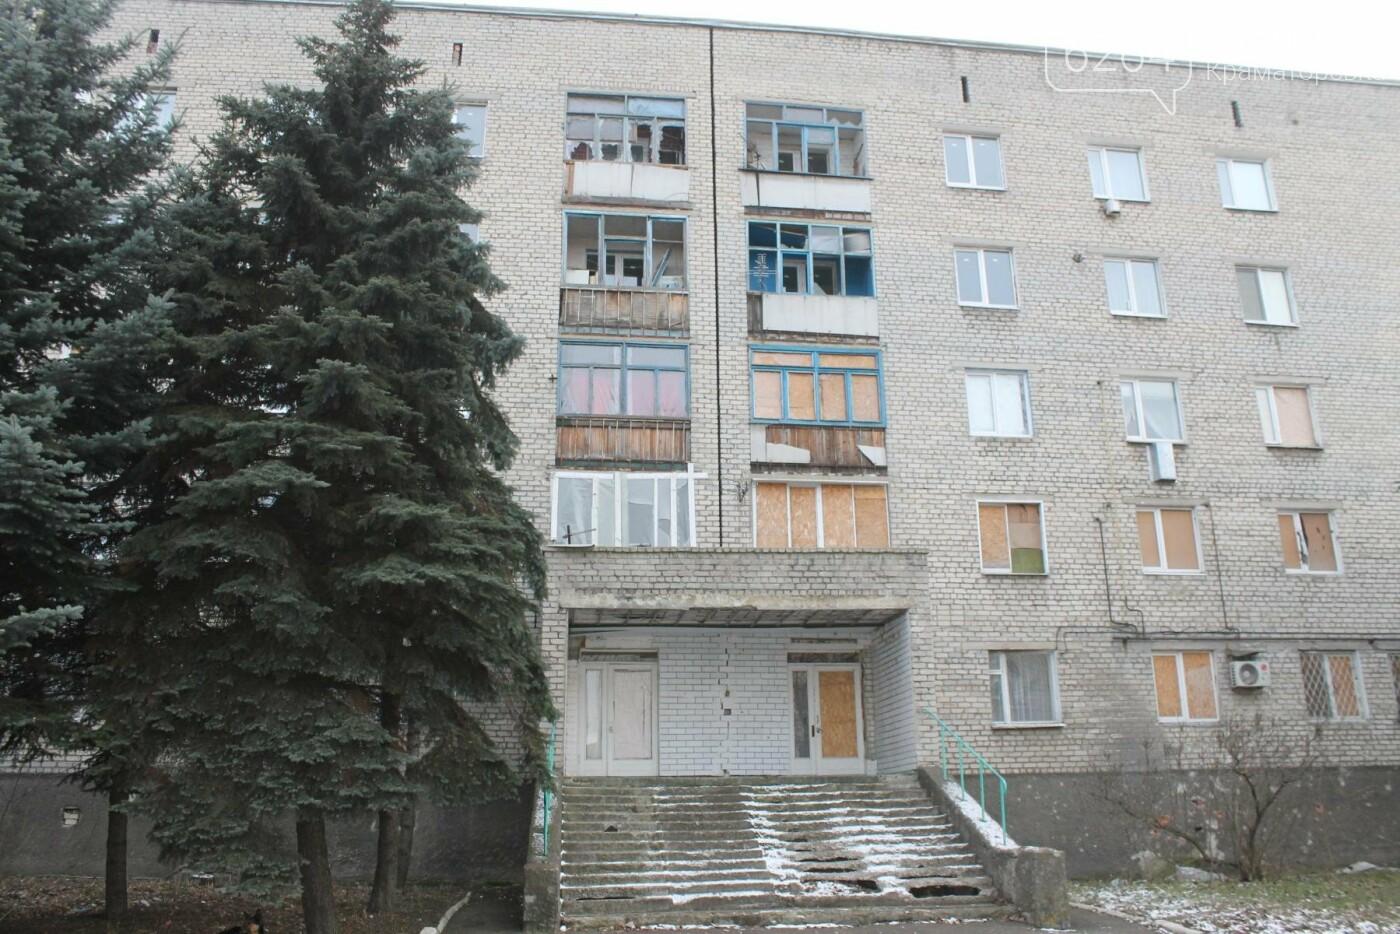 Необъявленная война глазами очевидцев: Марьинка - тонкая граница между стабильностью и разрушенным благополучием , фото-7